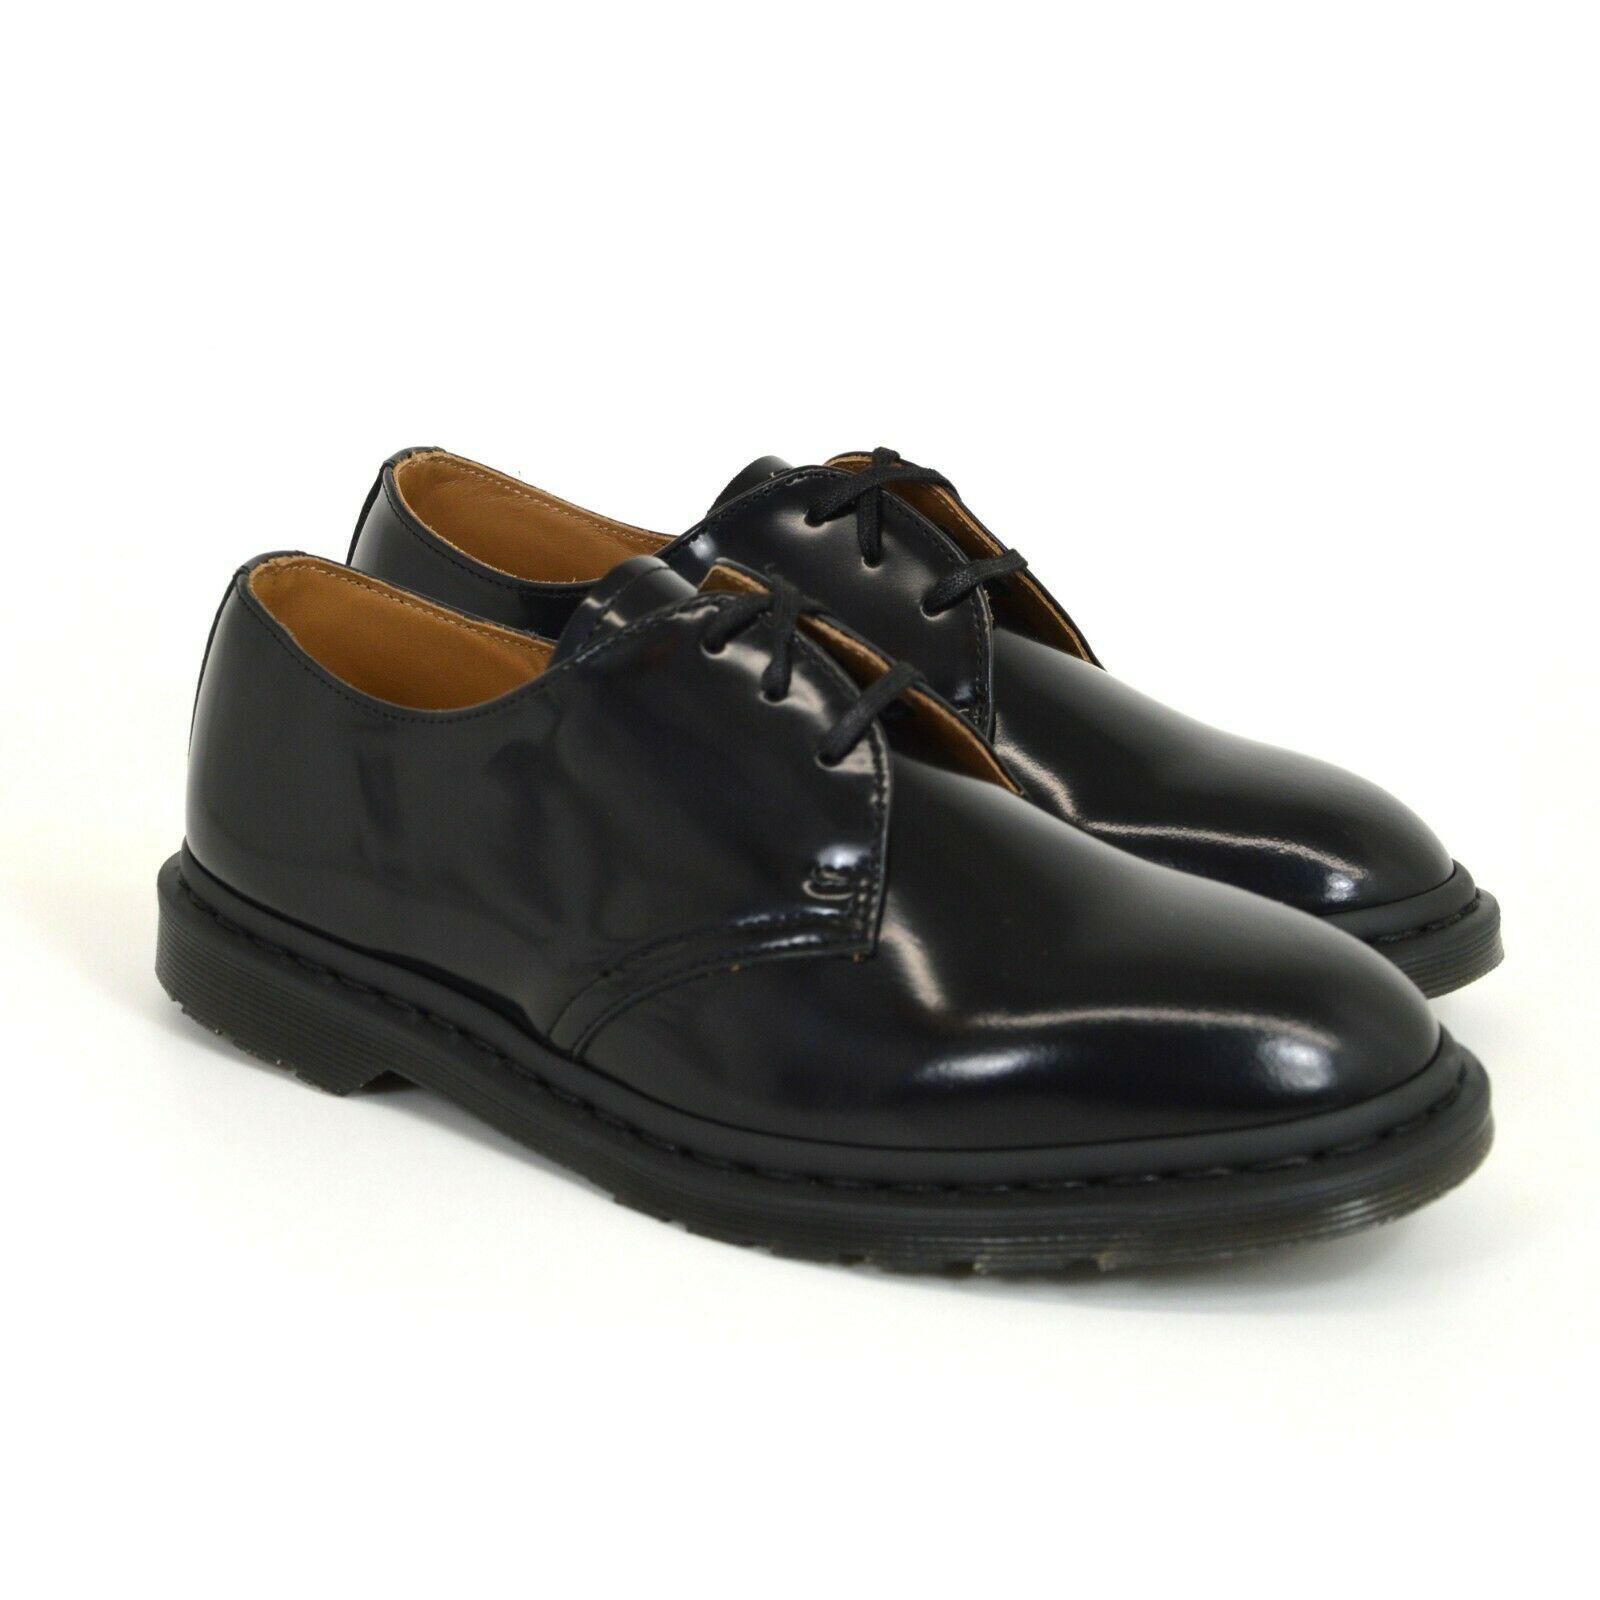 Dr. Martens - ARCHIE II - Black Polished Smooth